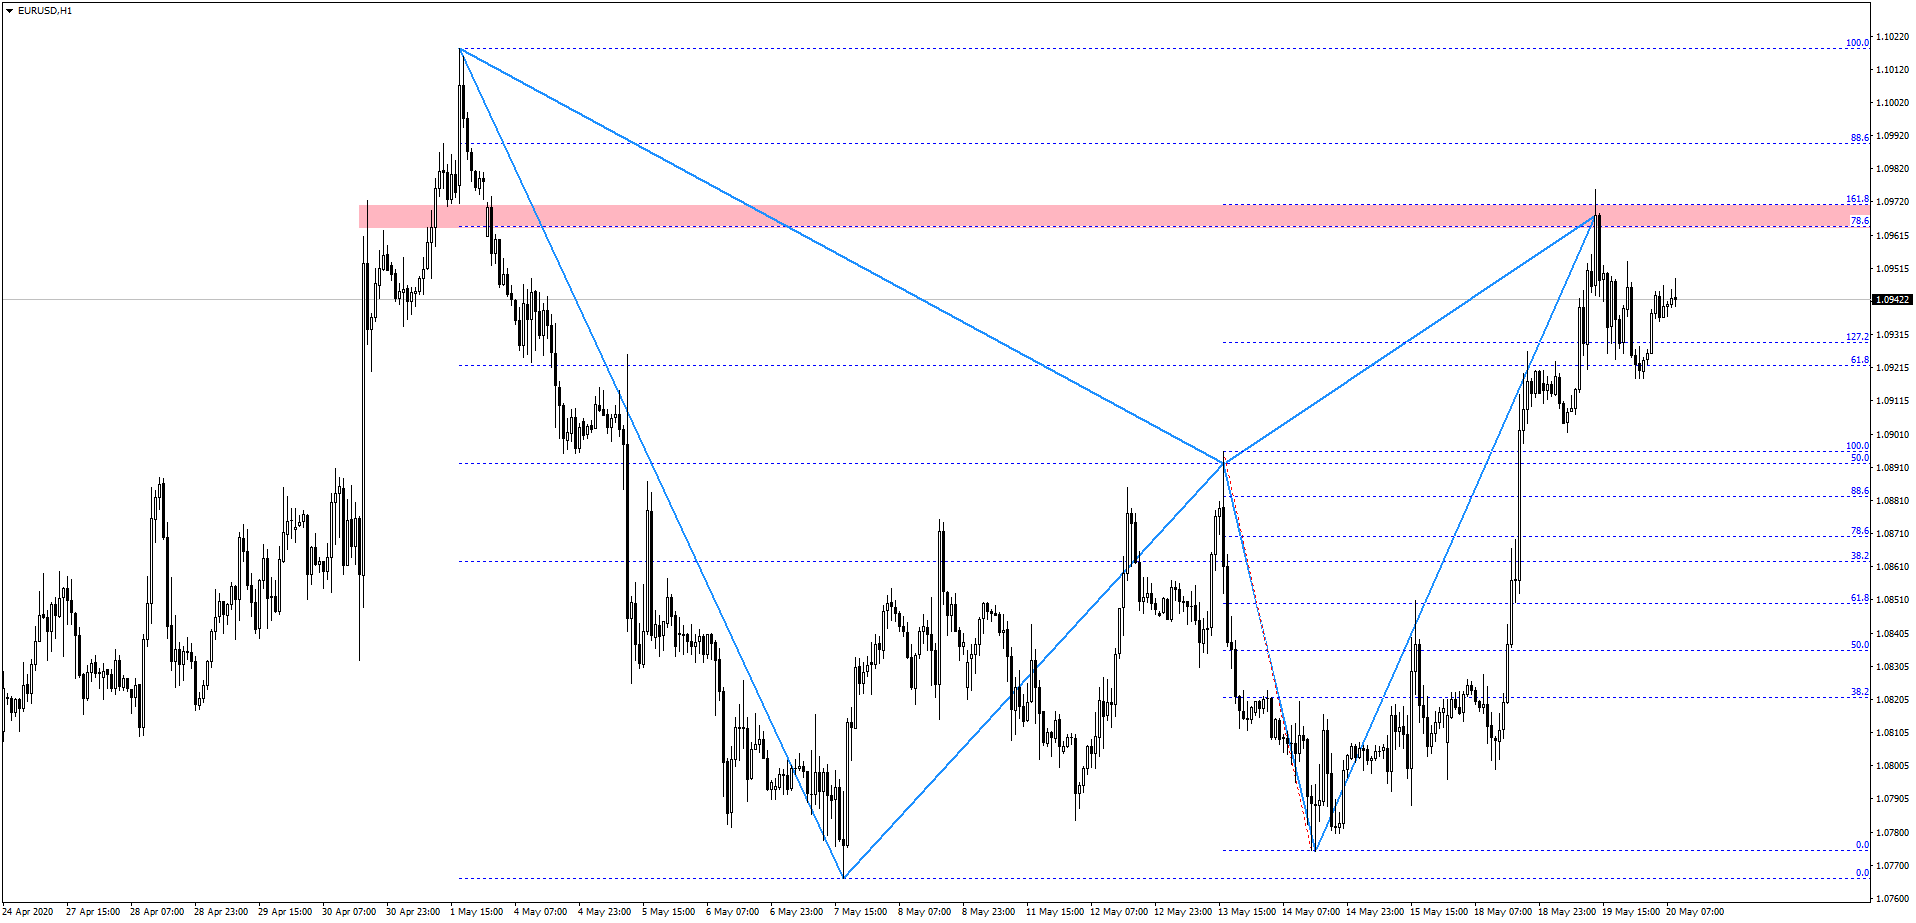 Silny tydzień na rynku europejskiej waluty   Kluczowy poziom do obserwacji